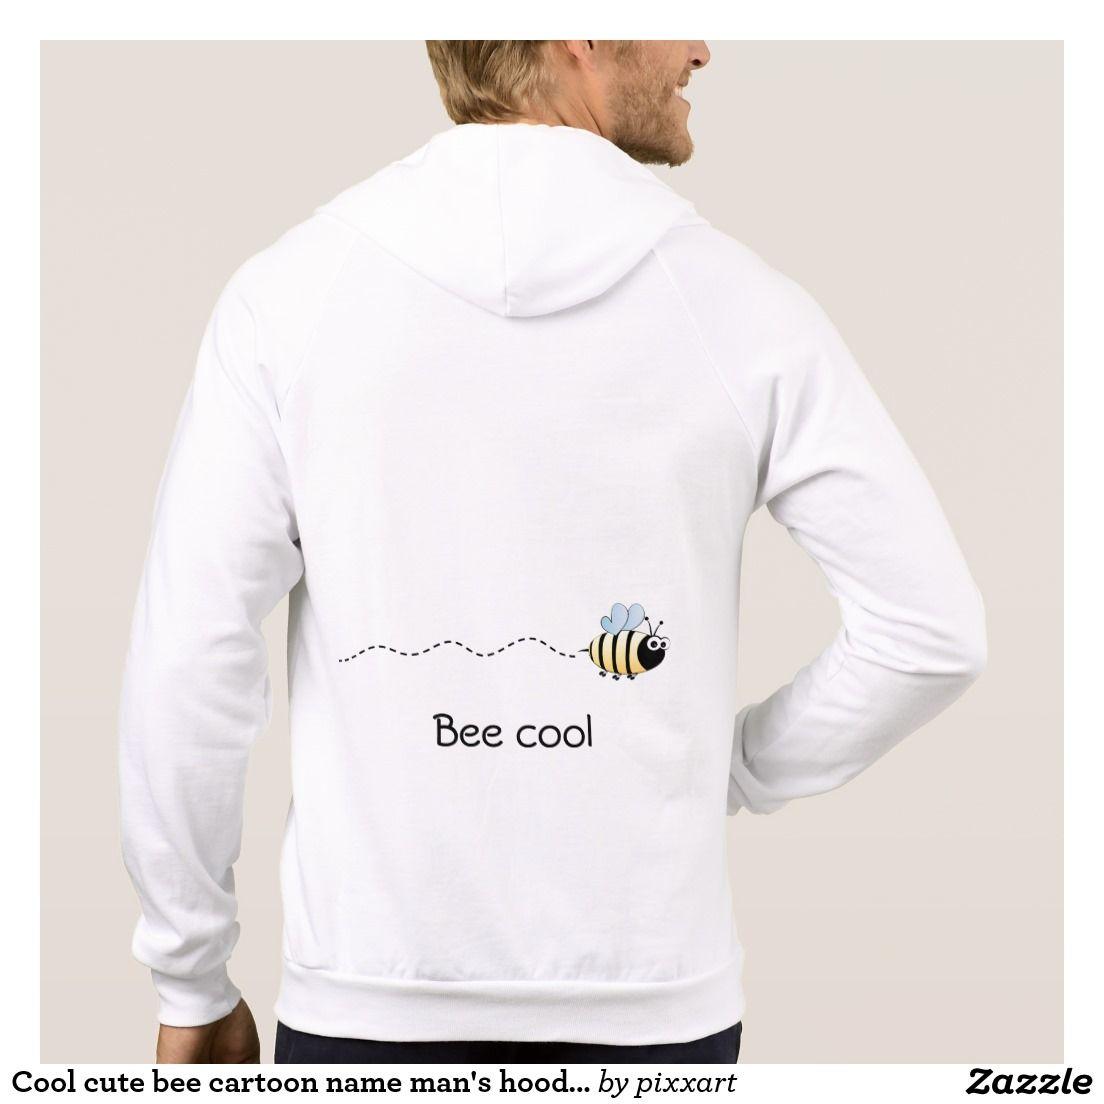 Cool cute bee cartoon name man's hoodie